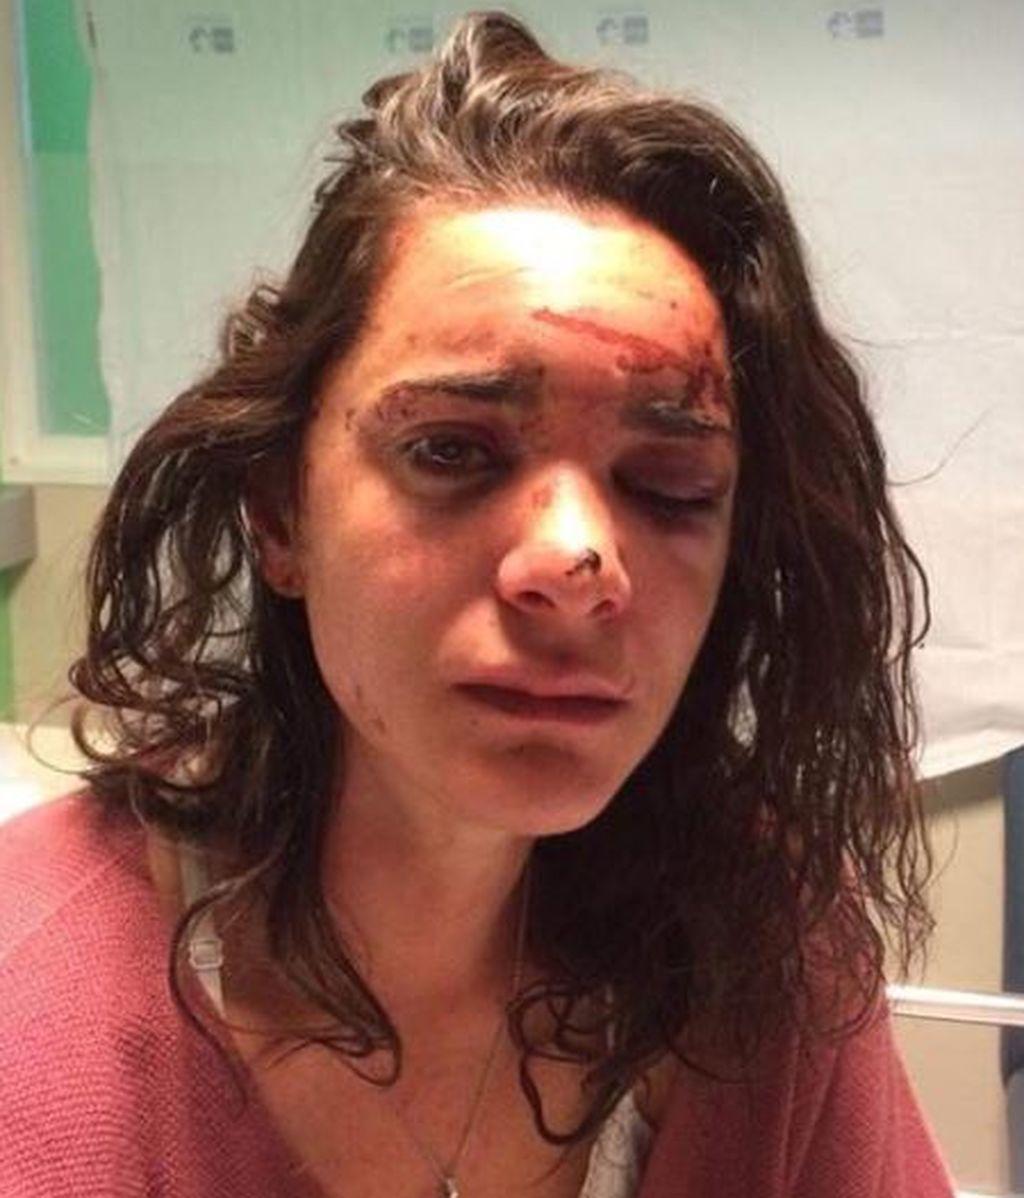 El valiente y desolador relato de una joven víctima de una agresión y violación en Aluche